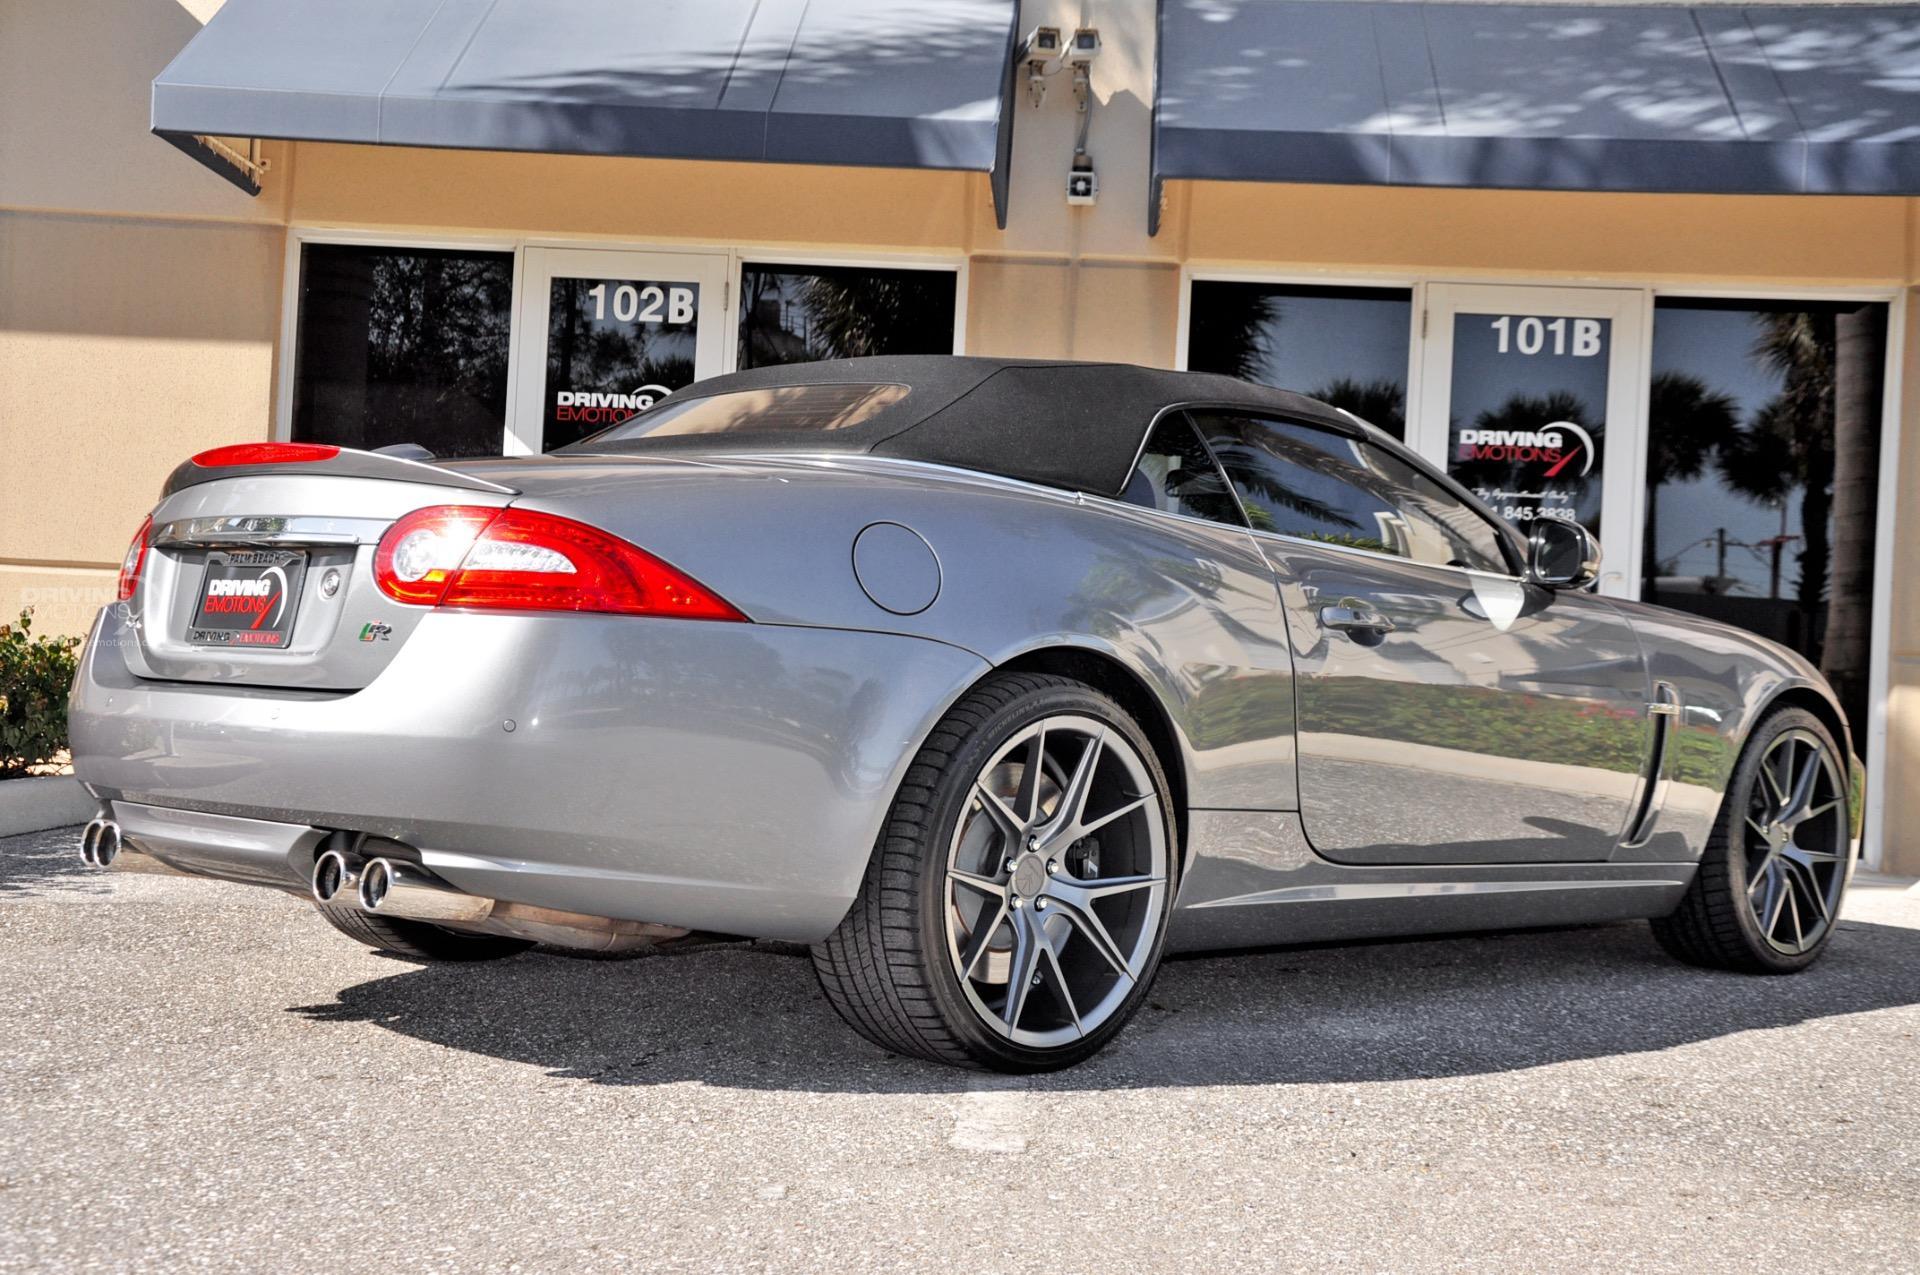 2010 jaguar xkr convertible xkr stock 5839 for sale near lake park fl fl jaguar dealer. Black Bedroom Furniture Sets. Home Design Ideas